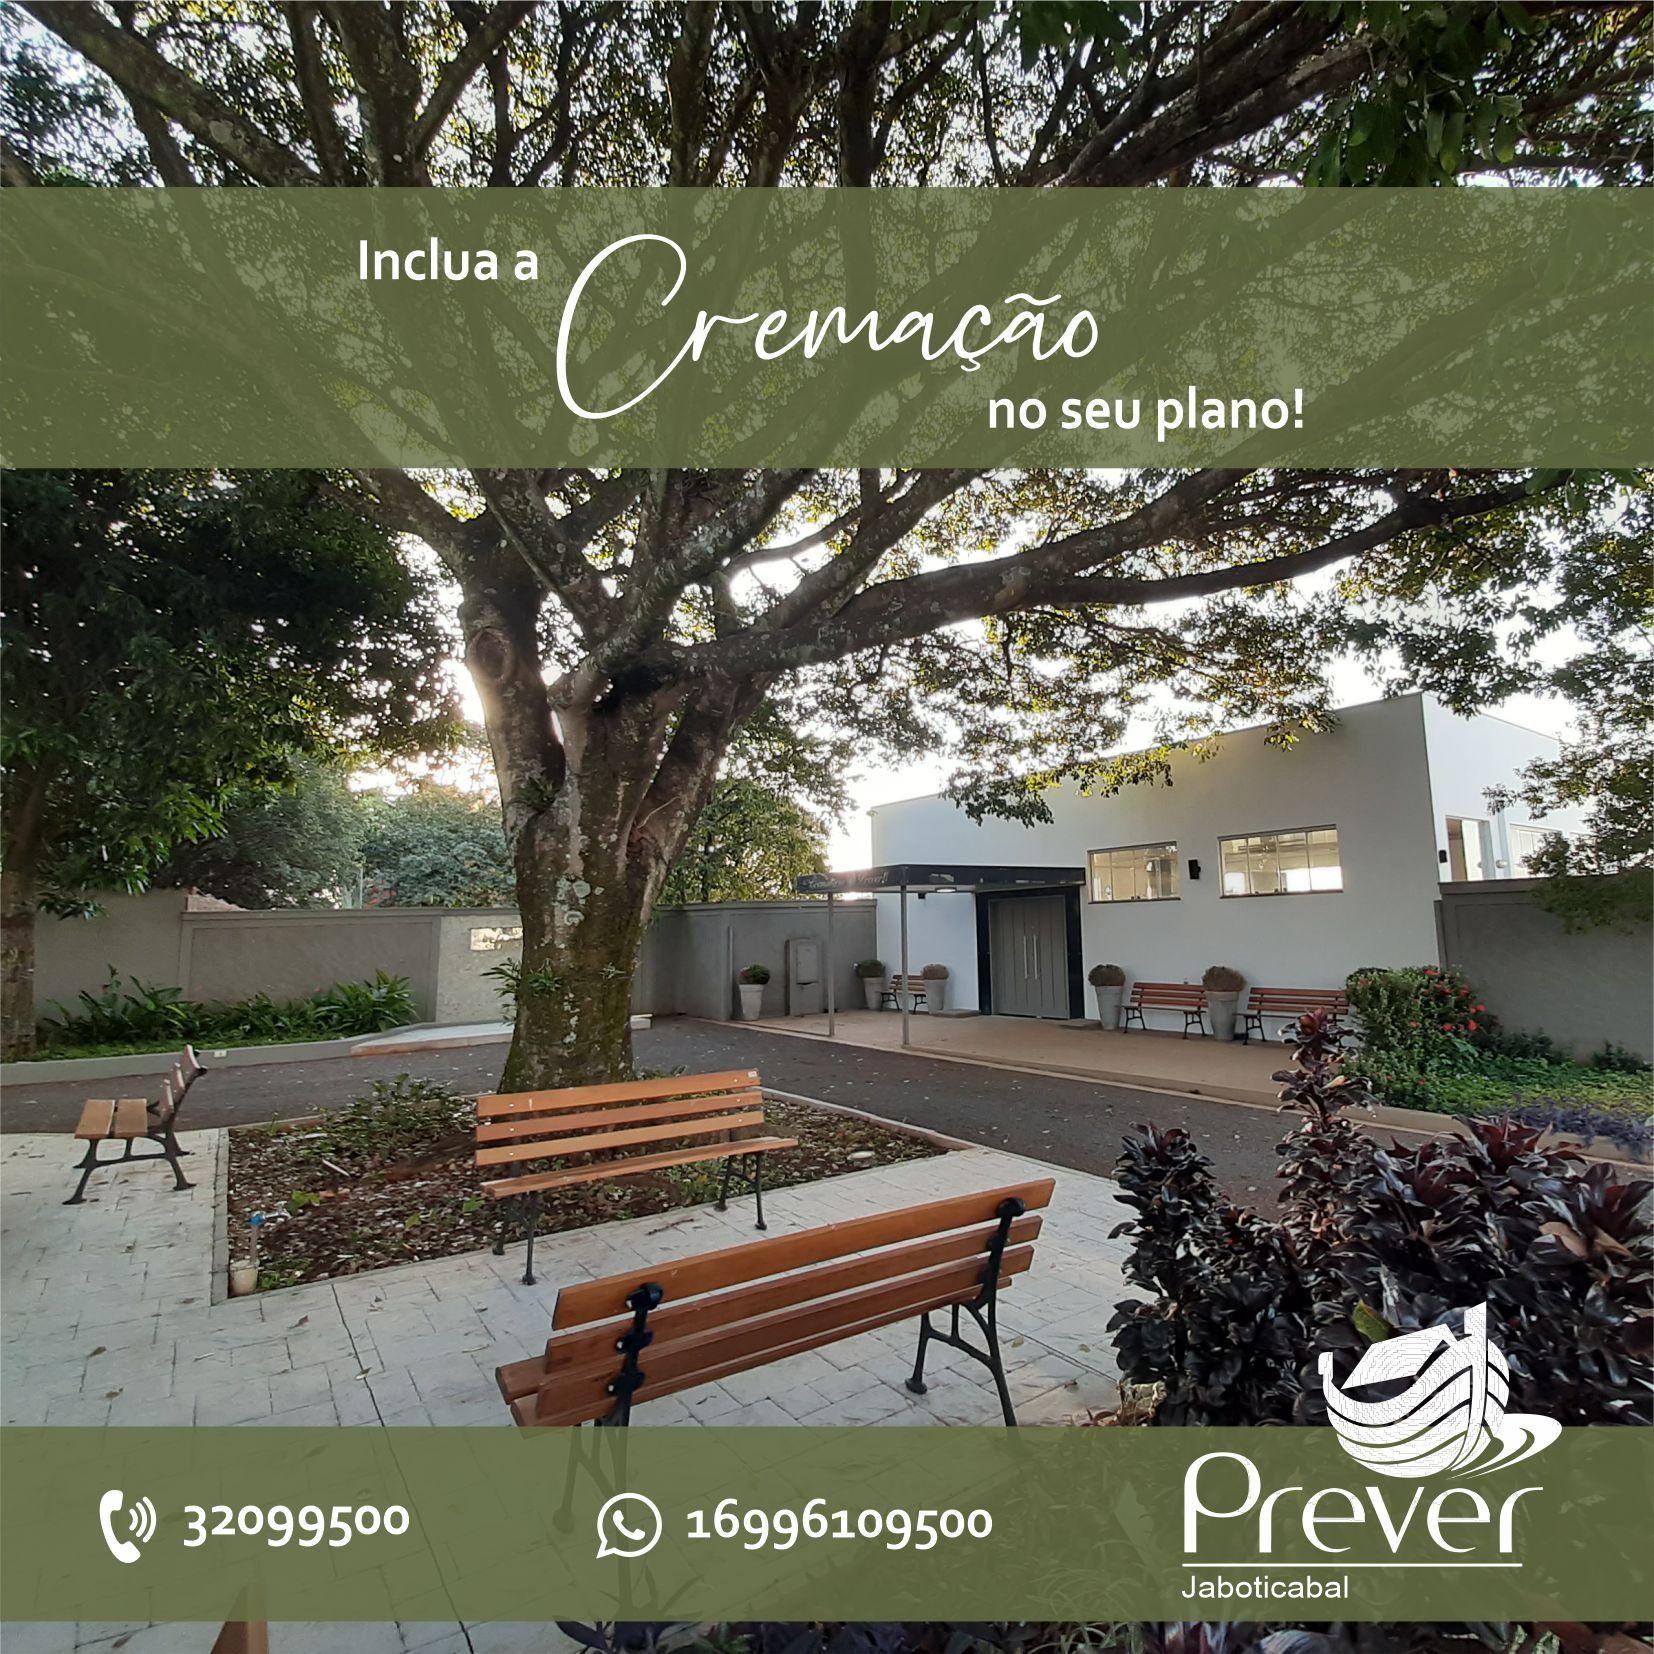 Cliente pode incluir cremação no Plano Prever Jaboticabal